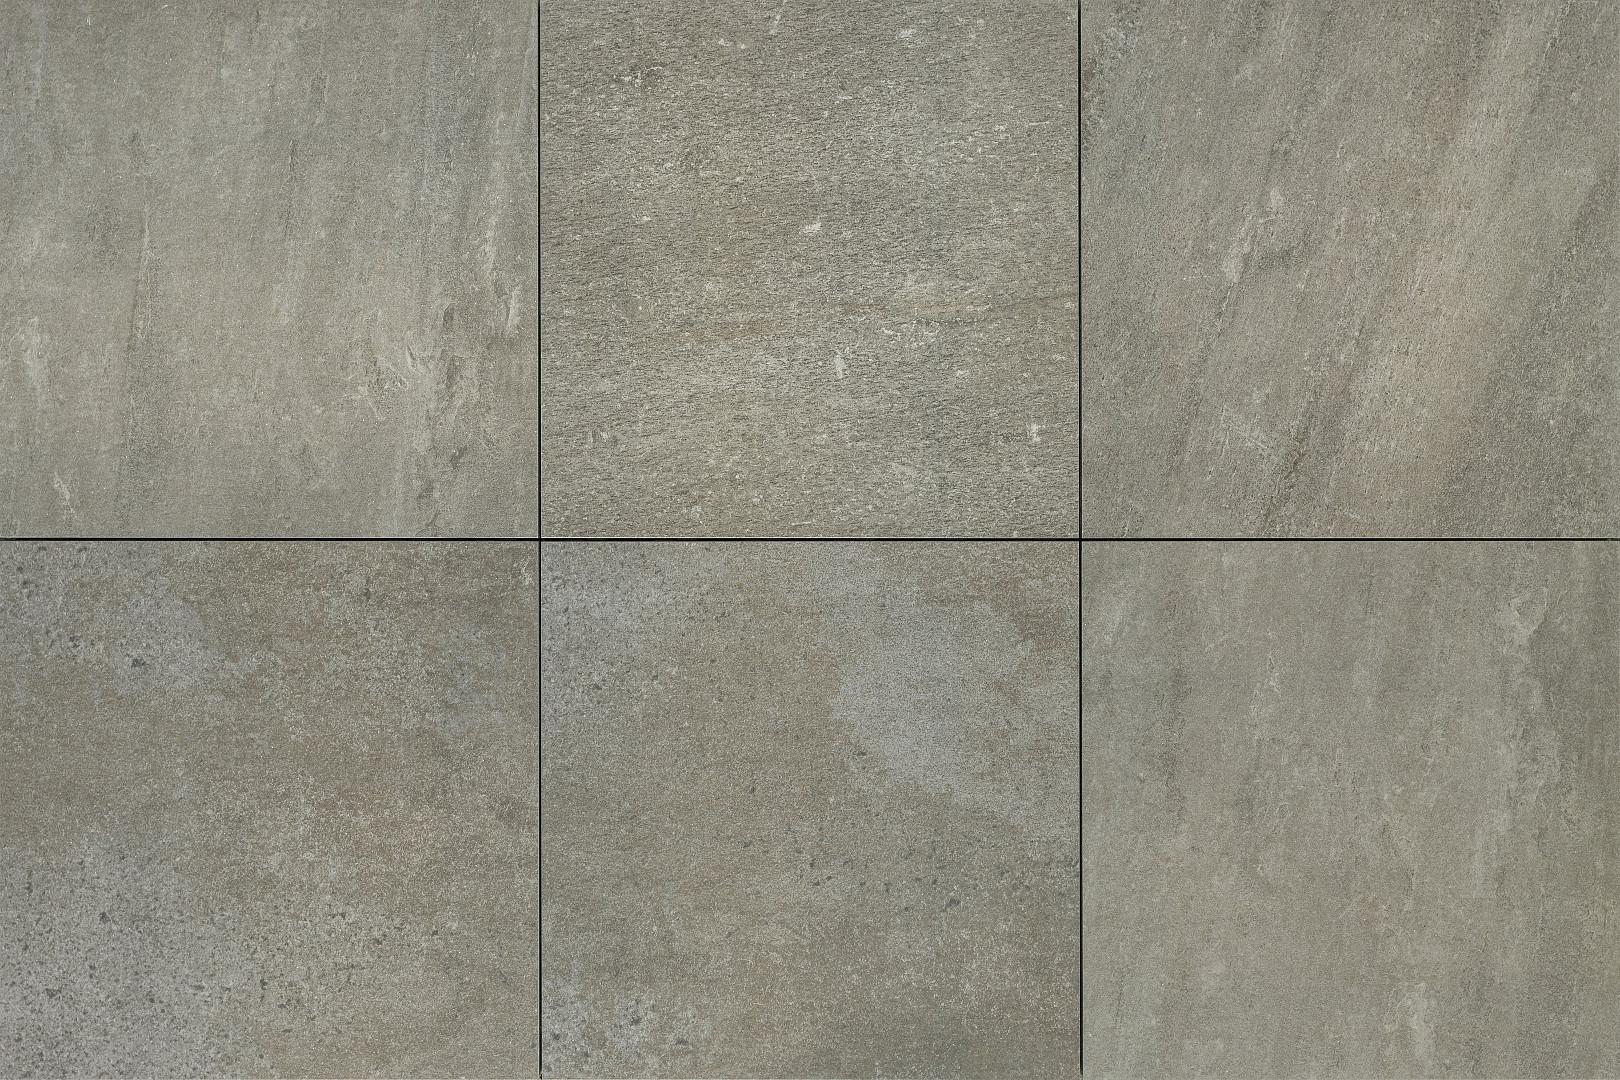 CERASUN Quartz Grey 60x60x4